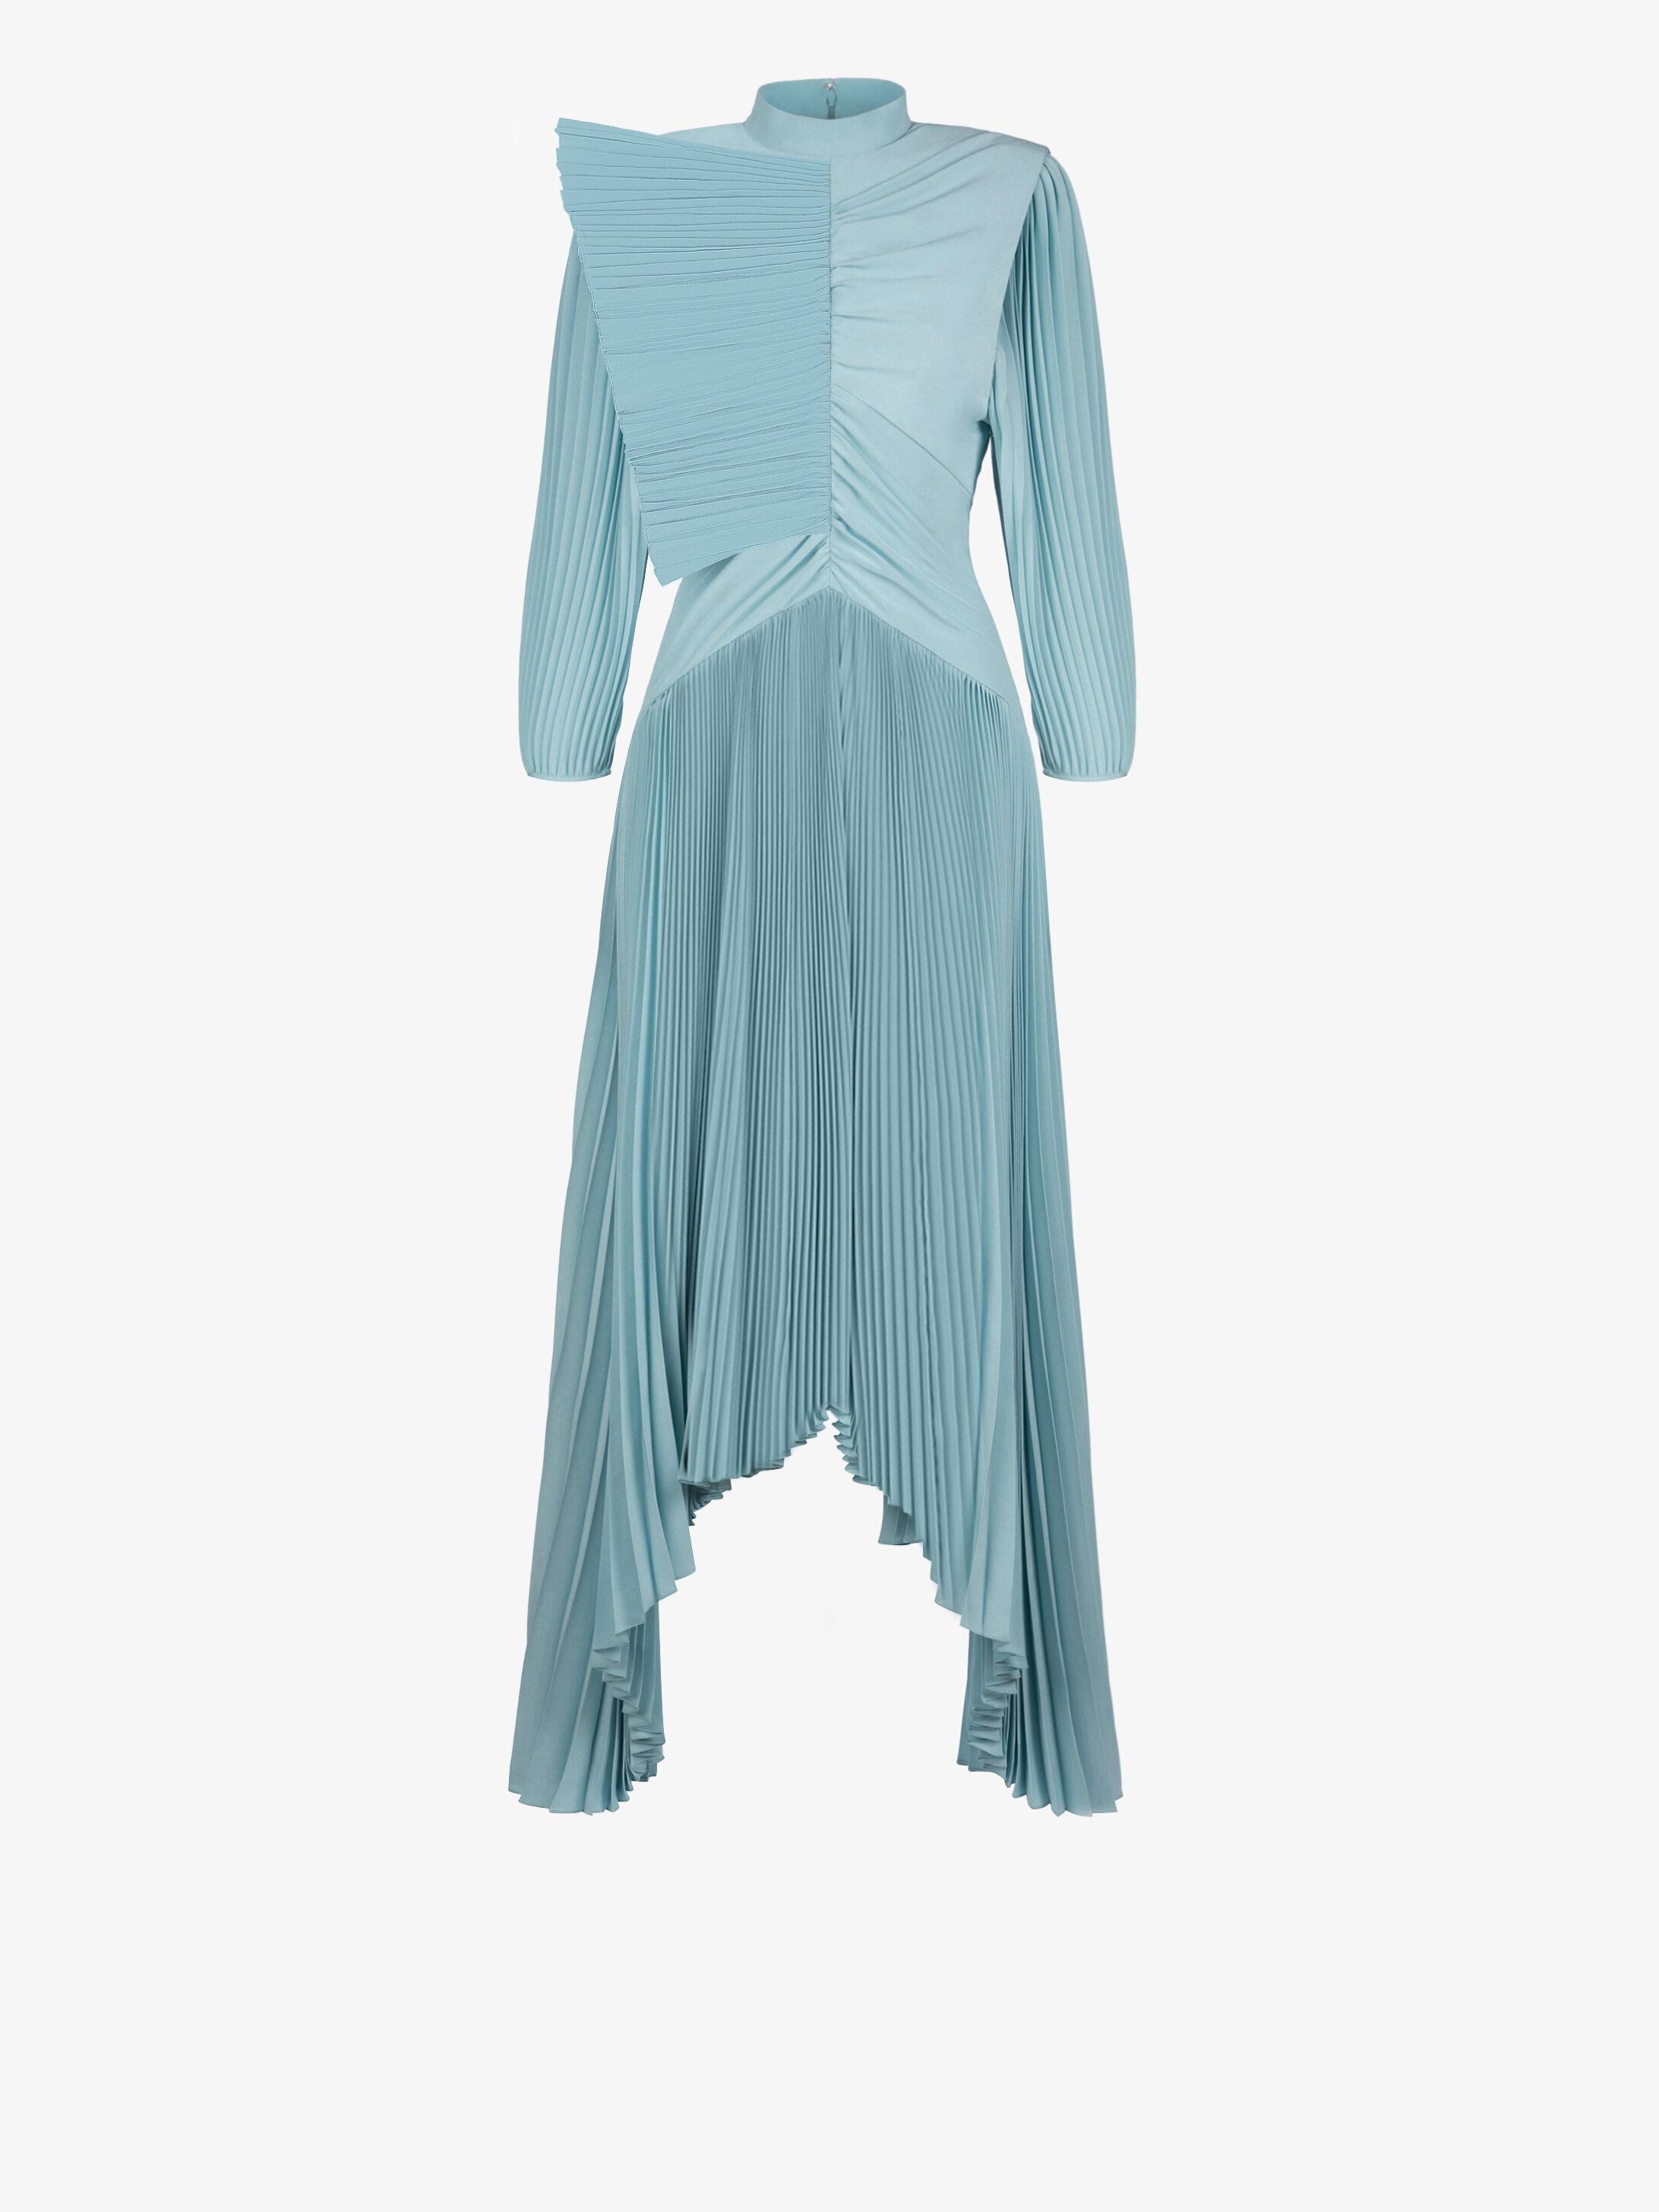 0bcc9a24de Evening dresses